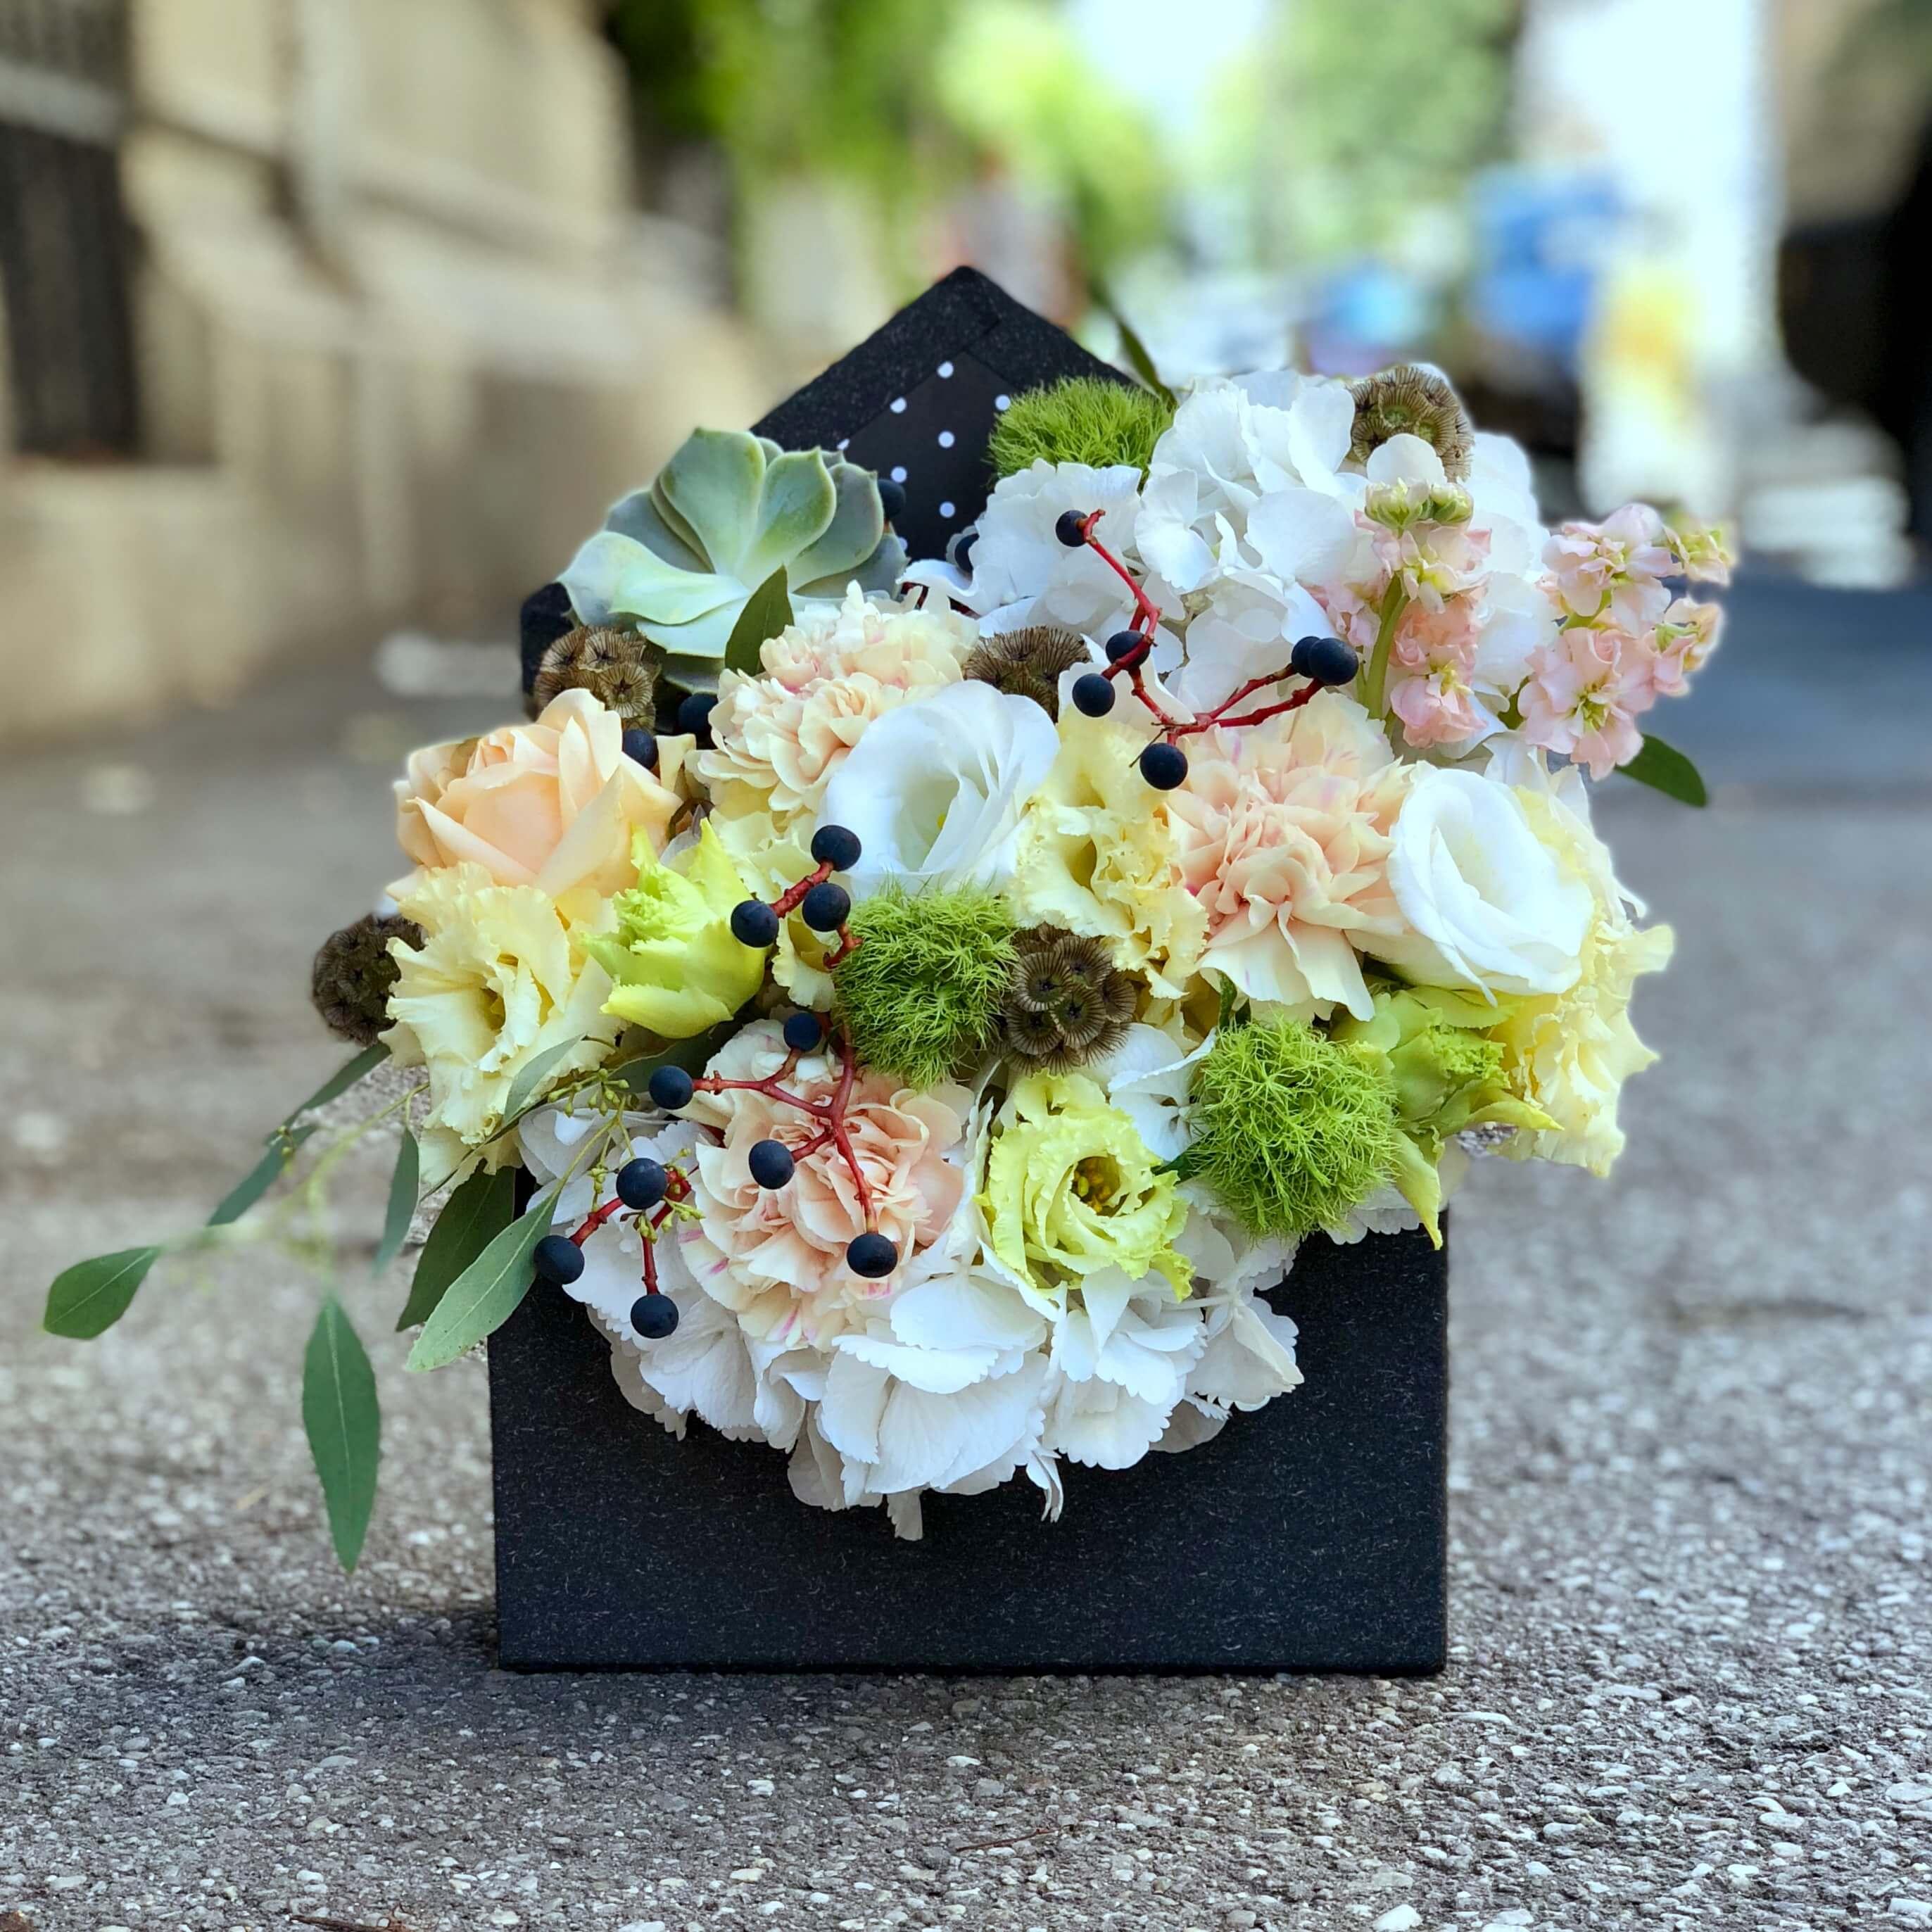 Aranjament Floral Cu Hortensia Alba Imodflowers